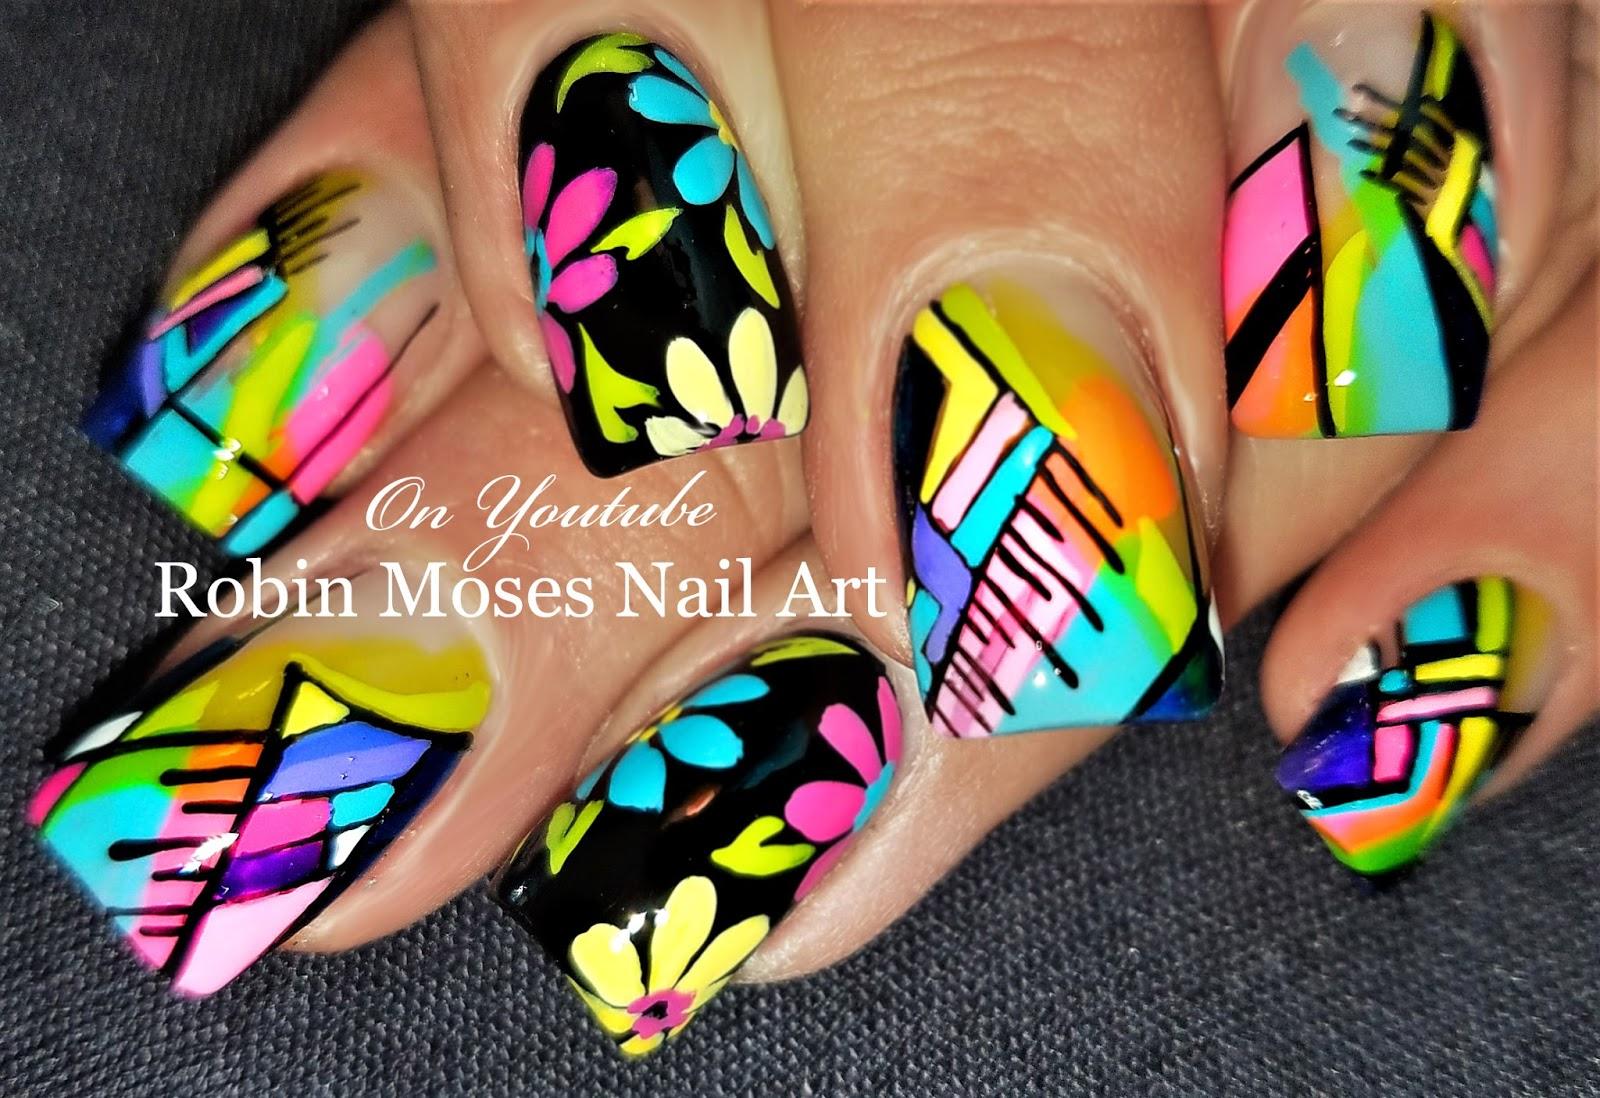 Nail Art by Robin Moses: Neon Daisy Nails 2! | Spring 2018 Nail Art ...